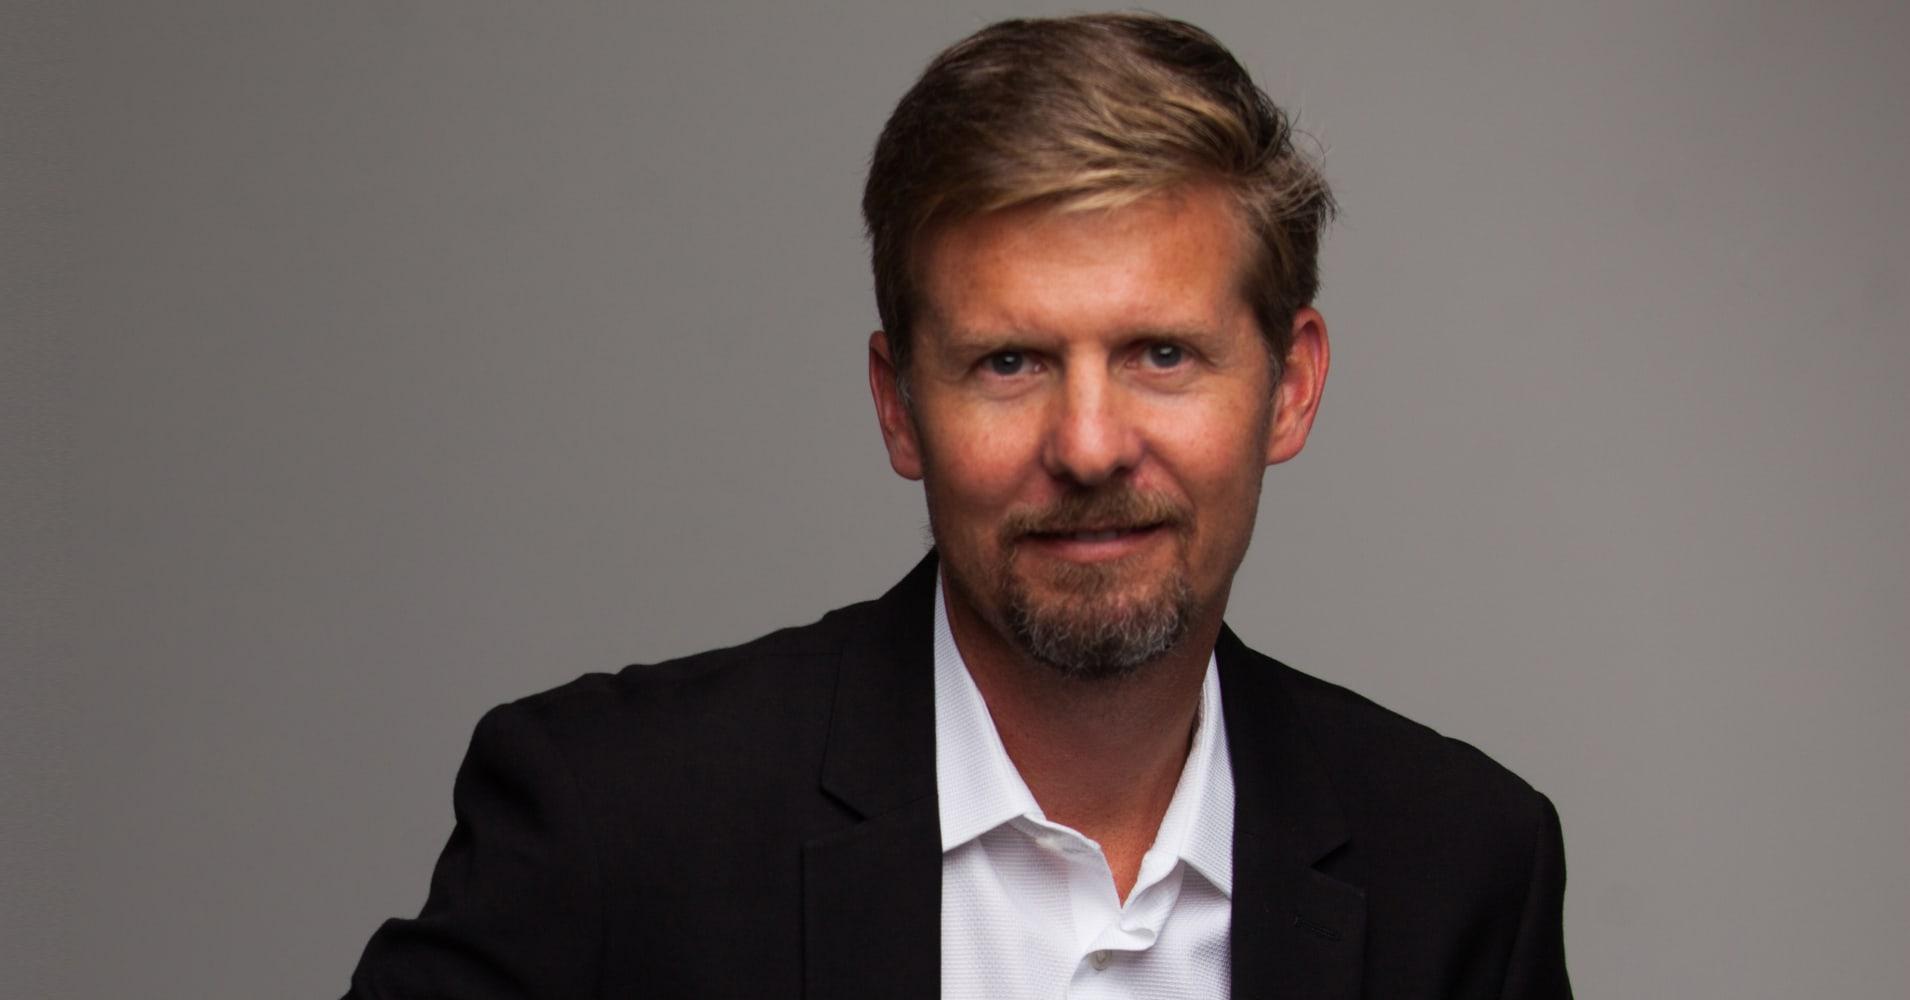 Introducing new Globus AI board member, Stuart McClure